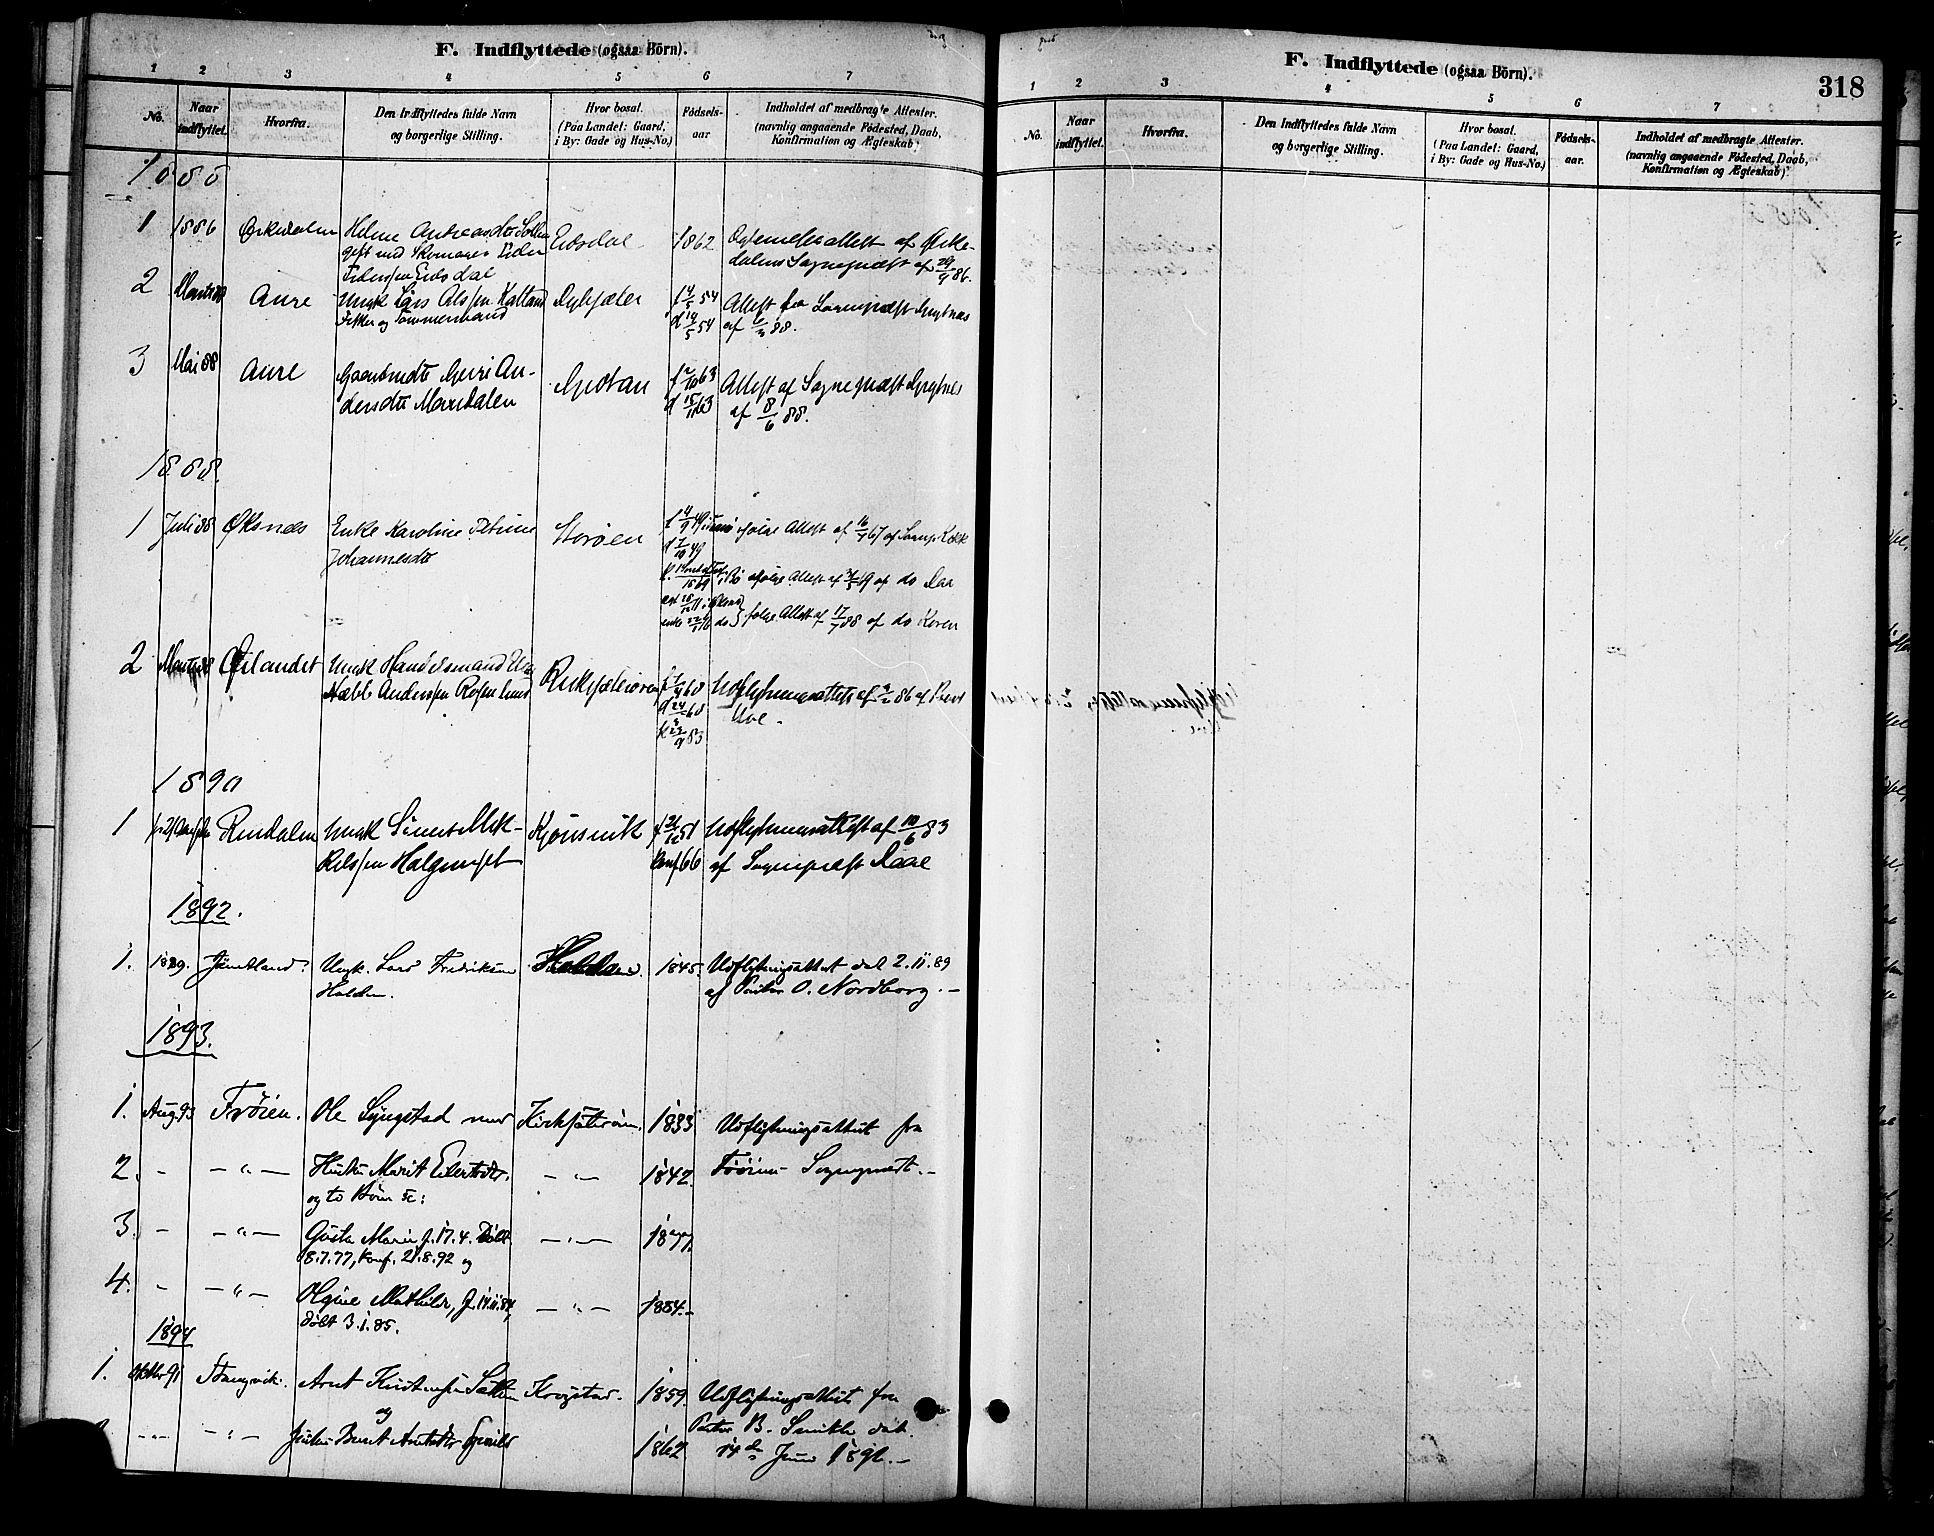 SAT, Ministerialprotokoller, klokkerbøker og fødselsregistre - Sør-Trøndelag, 630/L0496: Ministerialbok nr. 630A09, 1879-1895, s. 318